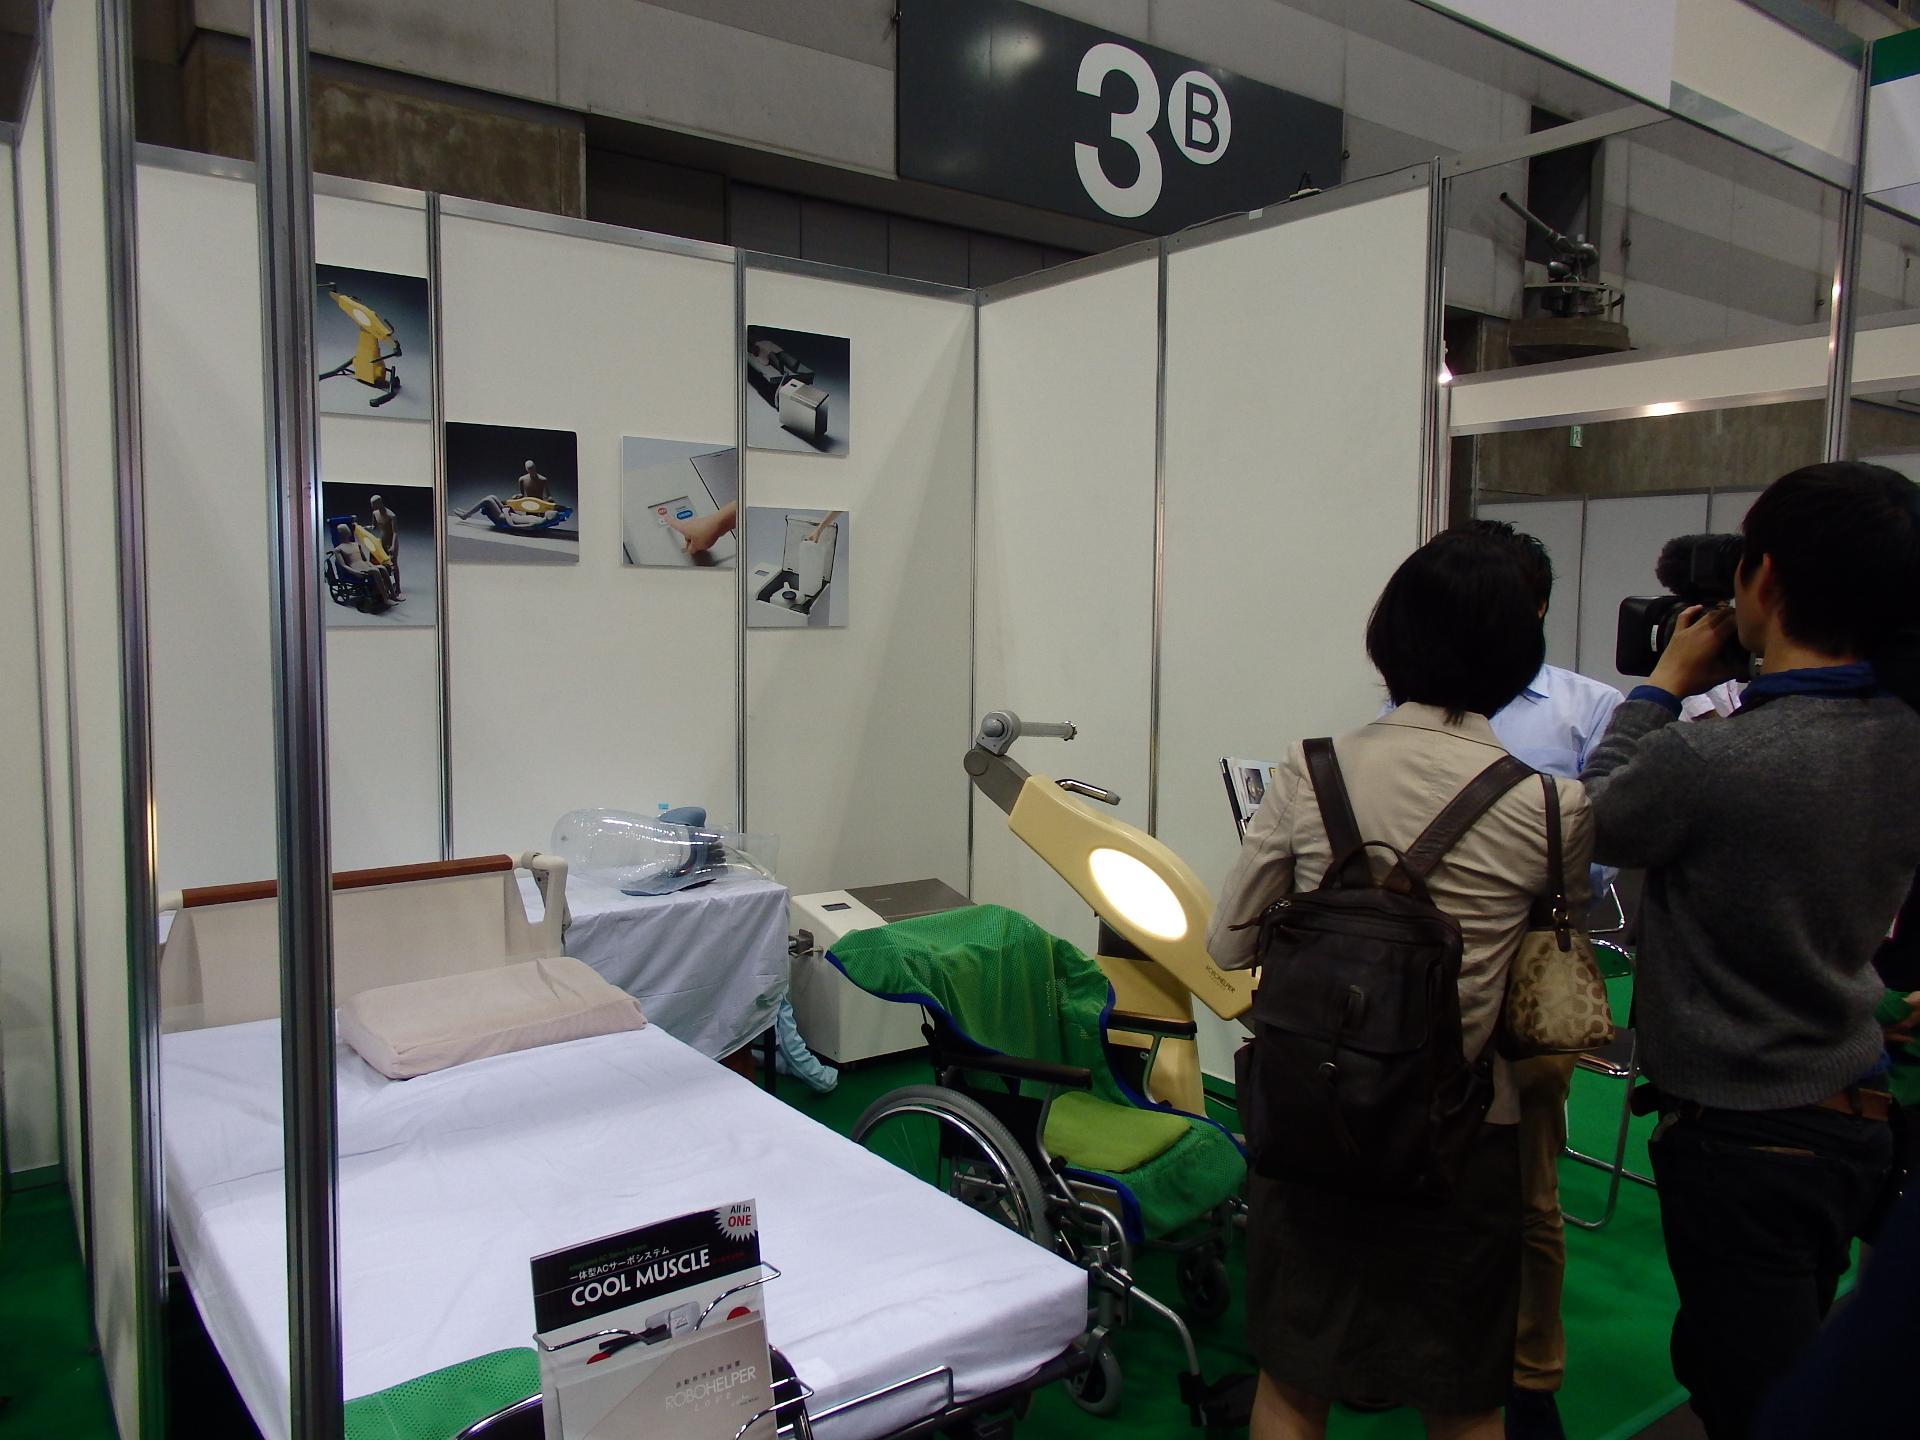 ロボット技術を応用した介護ベッドシステムです。